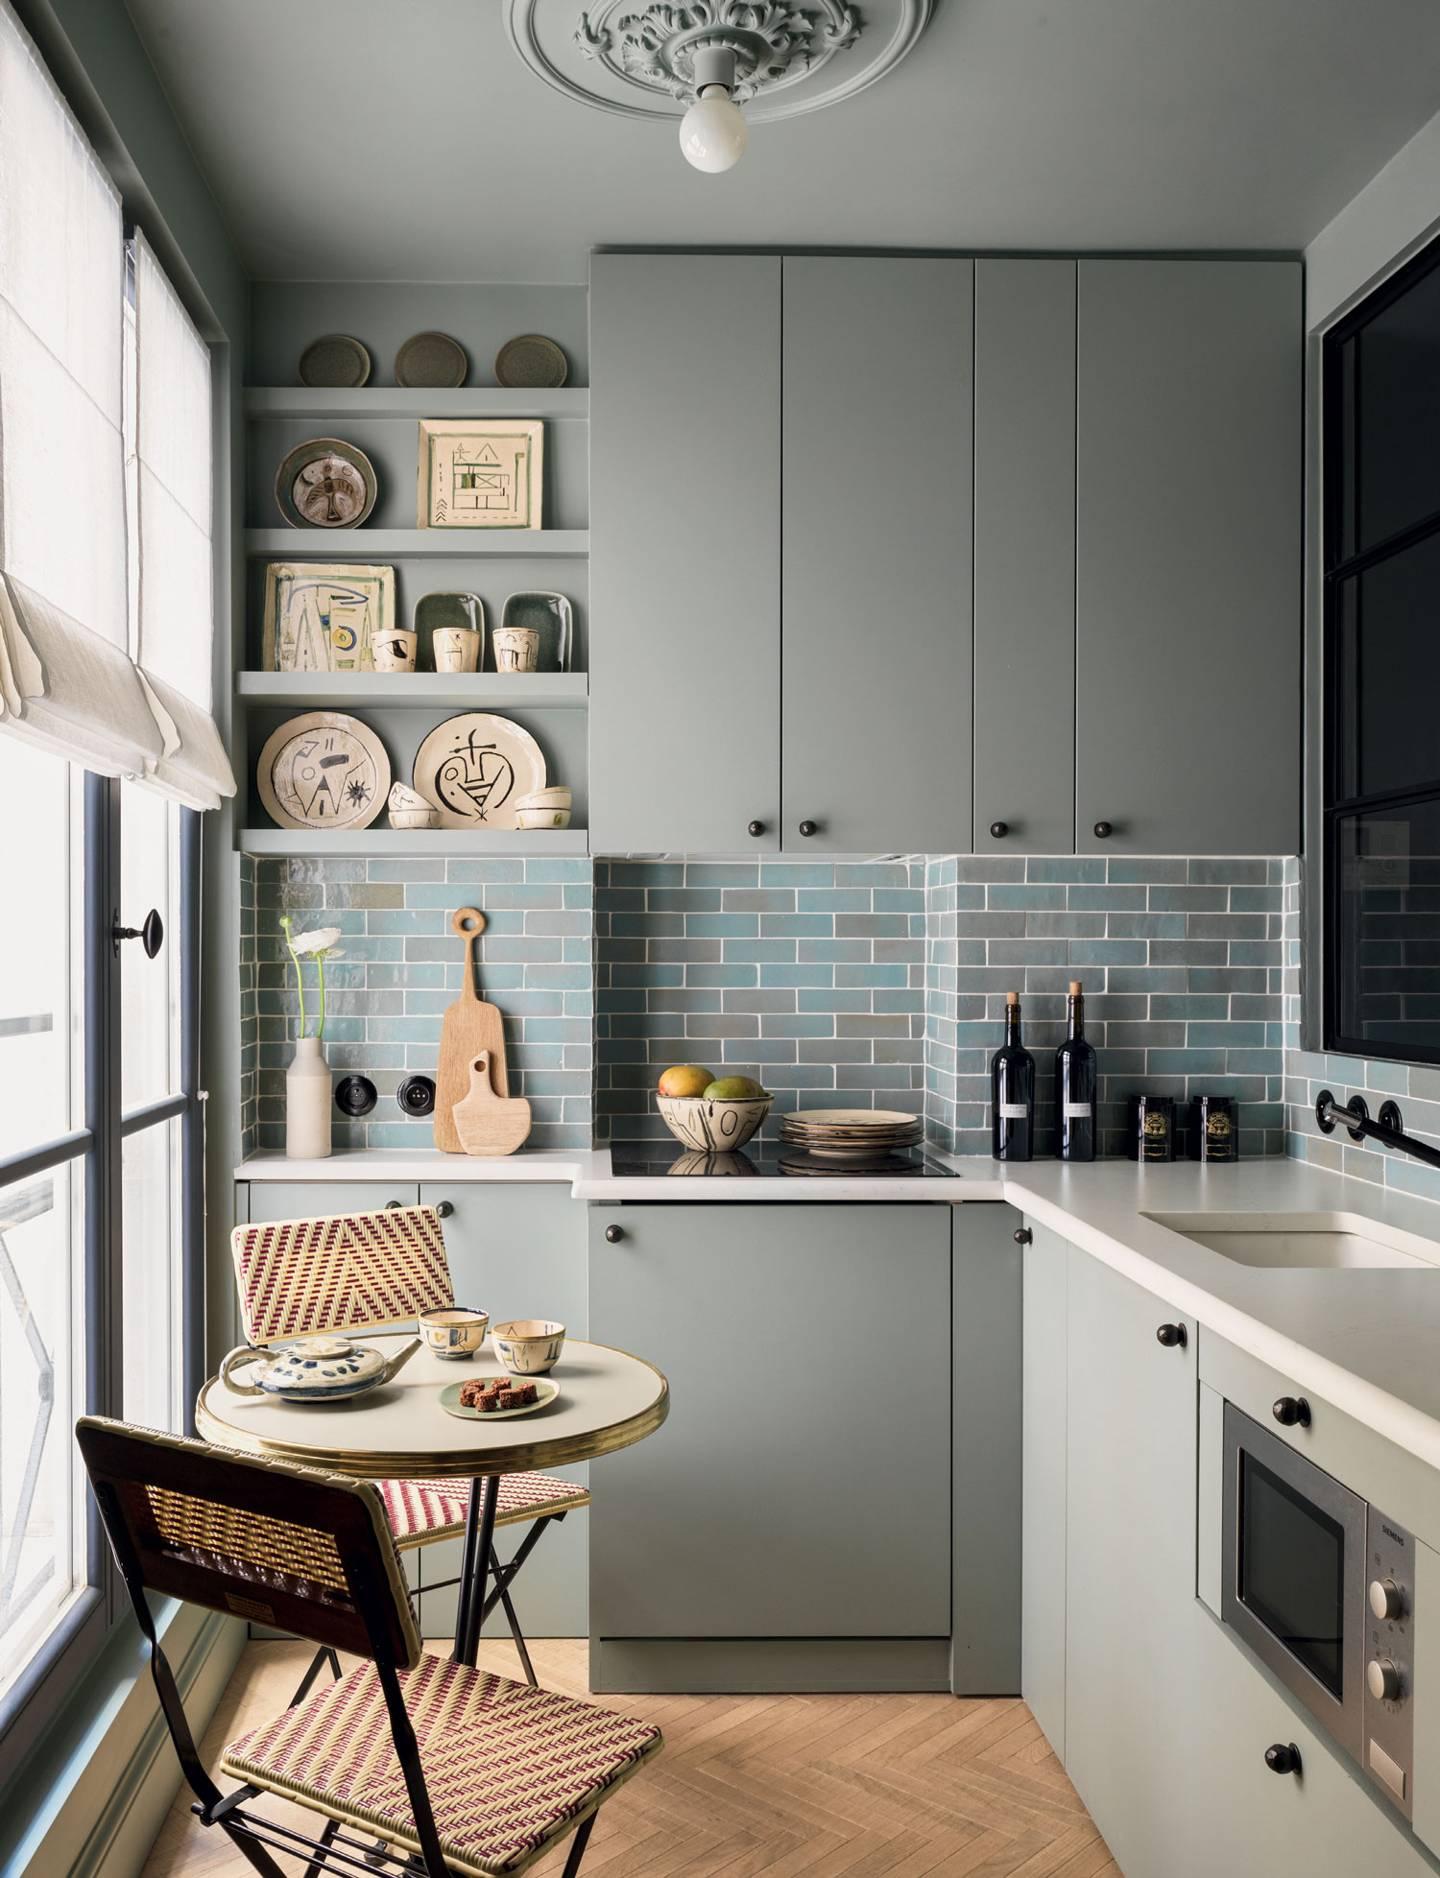 Small Kitchen Ideas   Designs & Storage   House & Garden